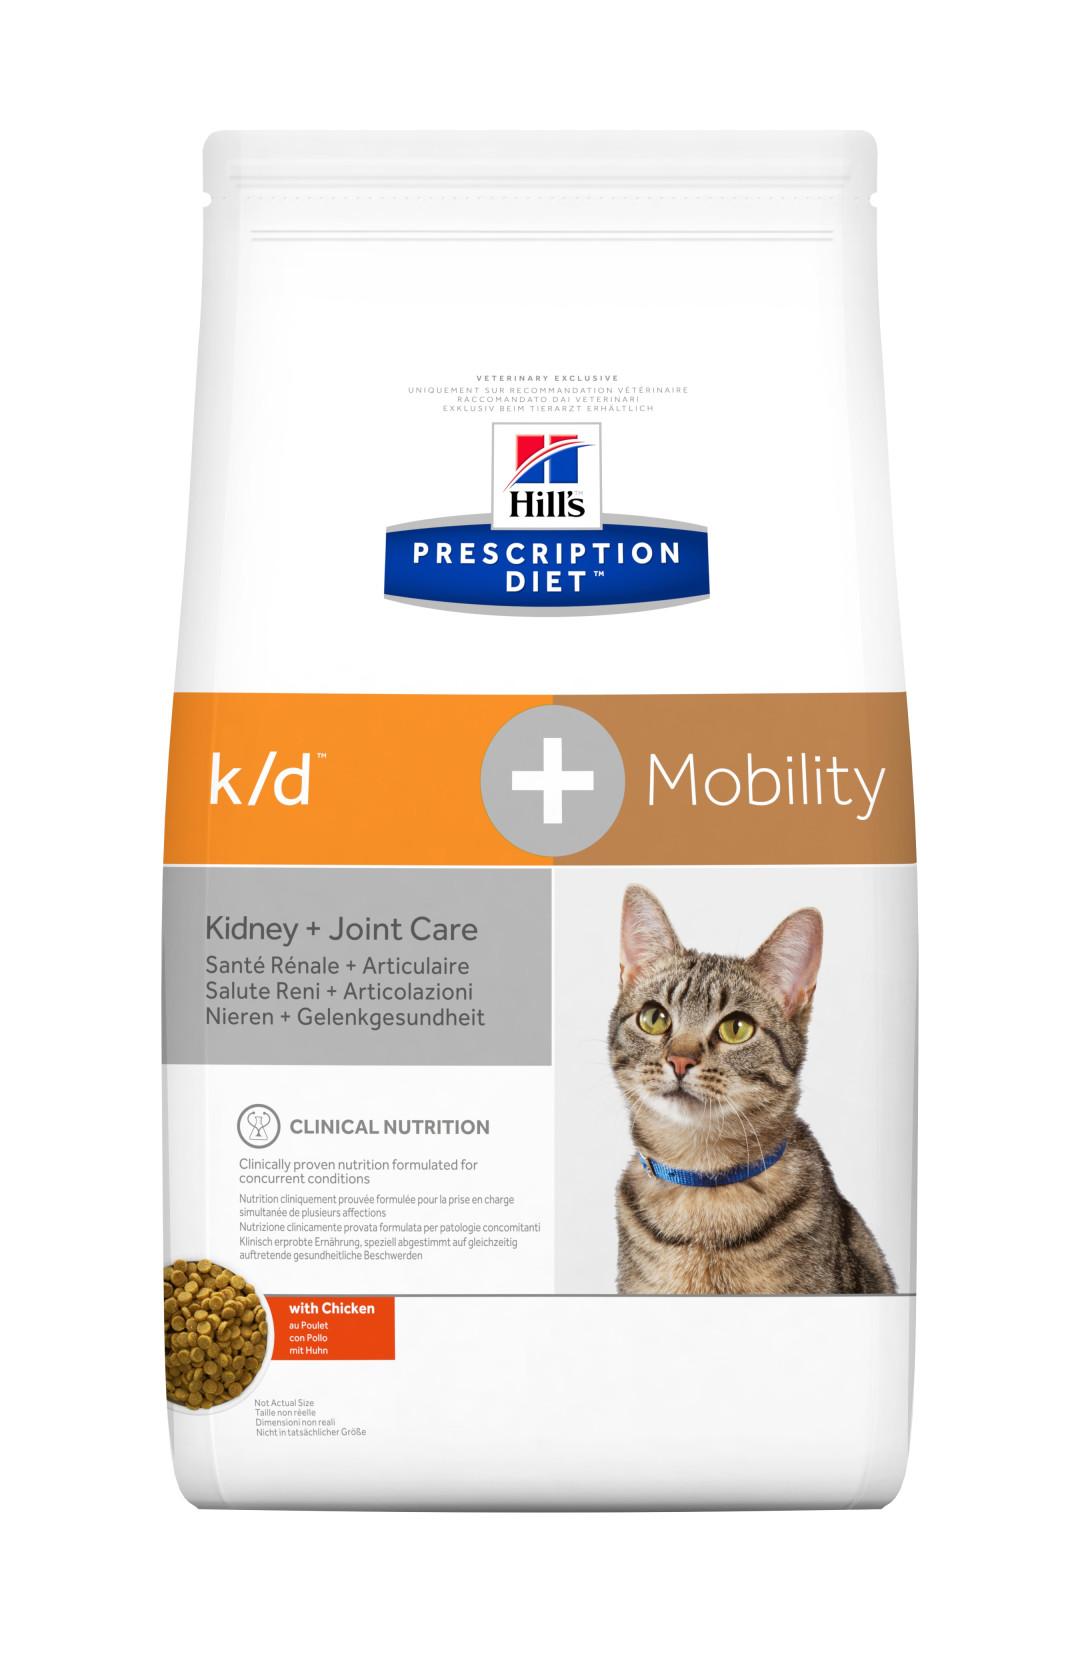 Hill's Prescription Diet kattenvoer k/d + Mobility 5 kg